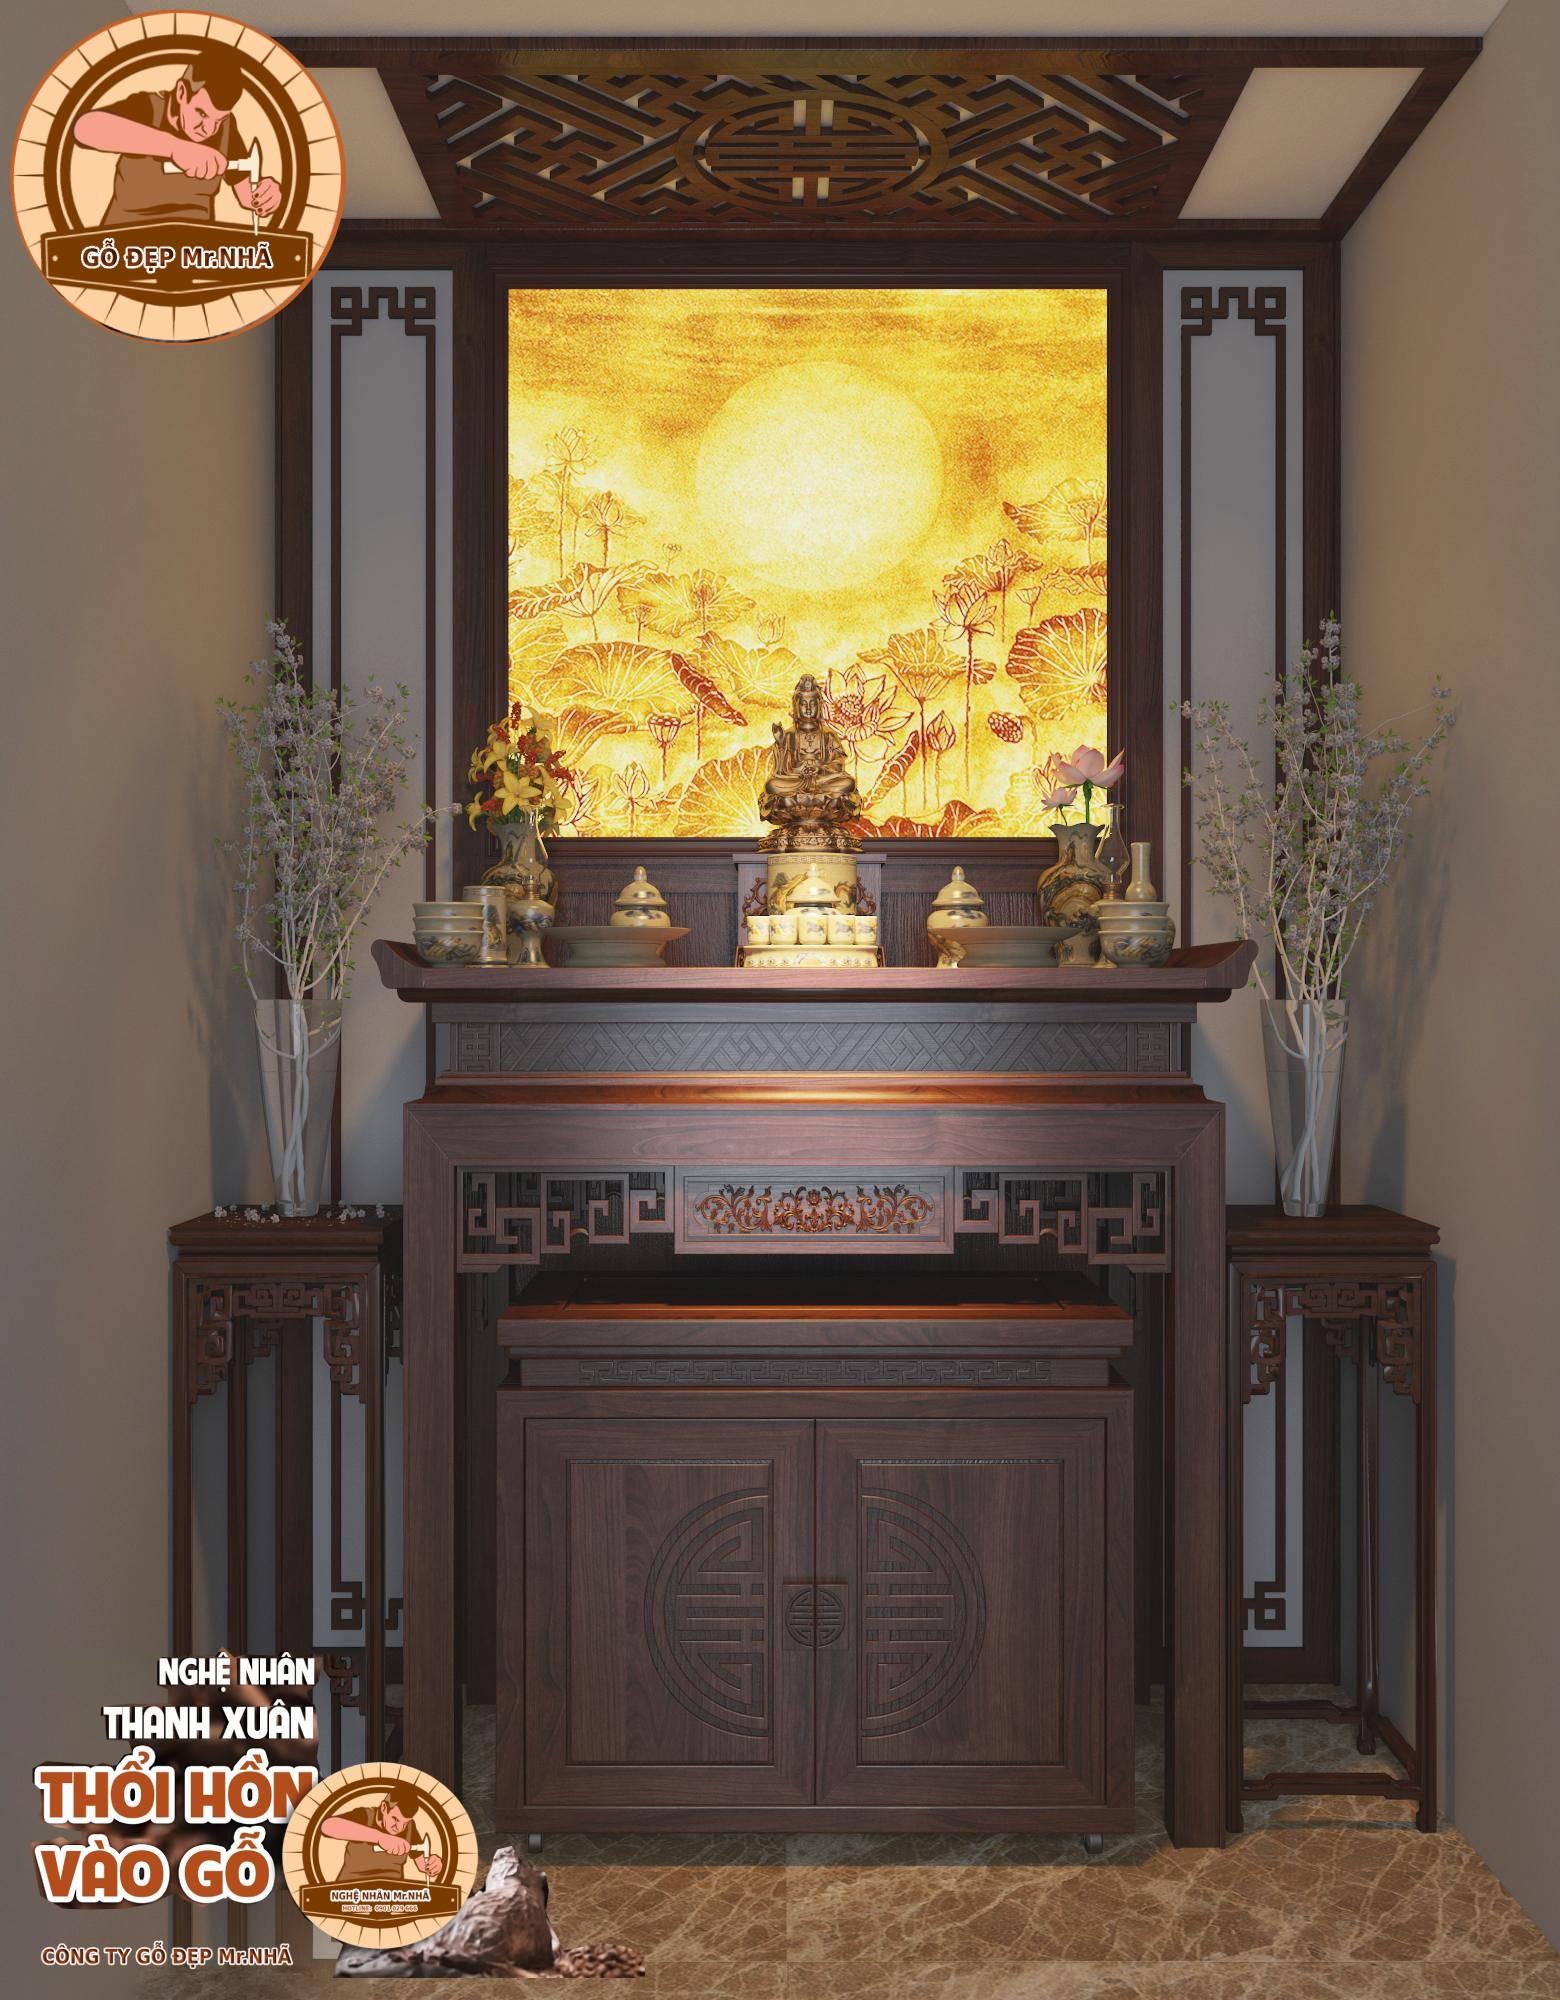 Bàn thờ đứng kết hợp tranh trúc chỉ